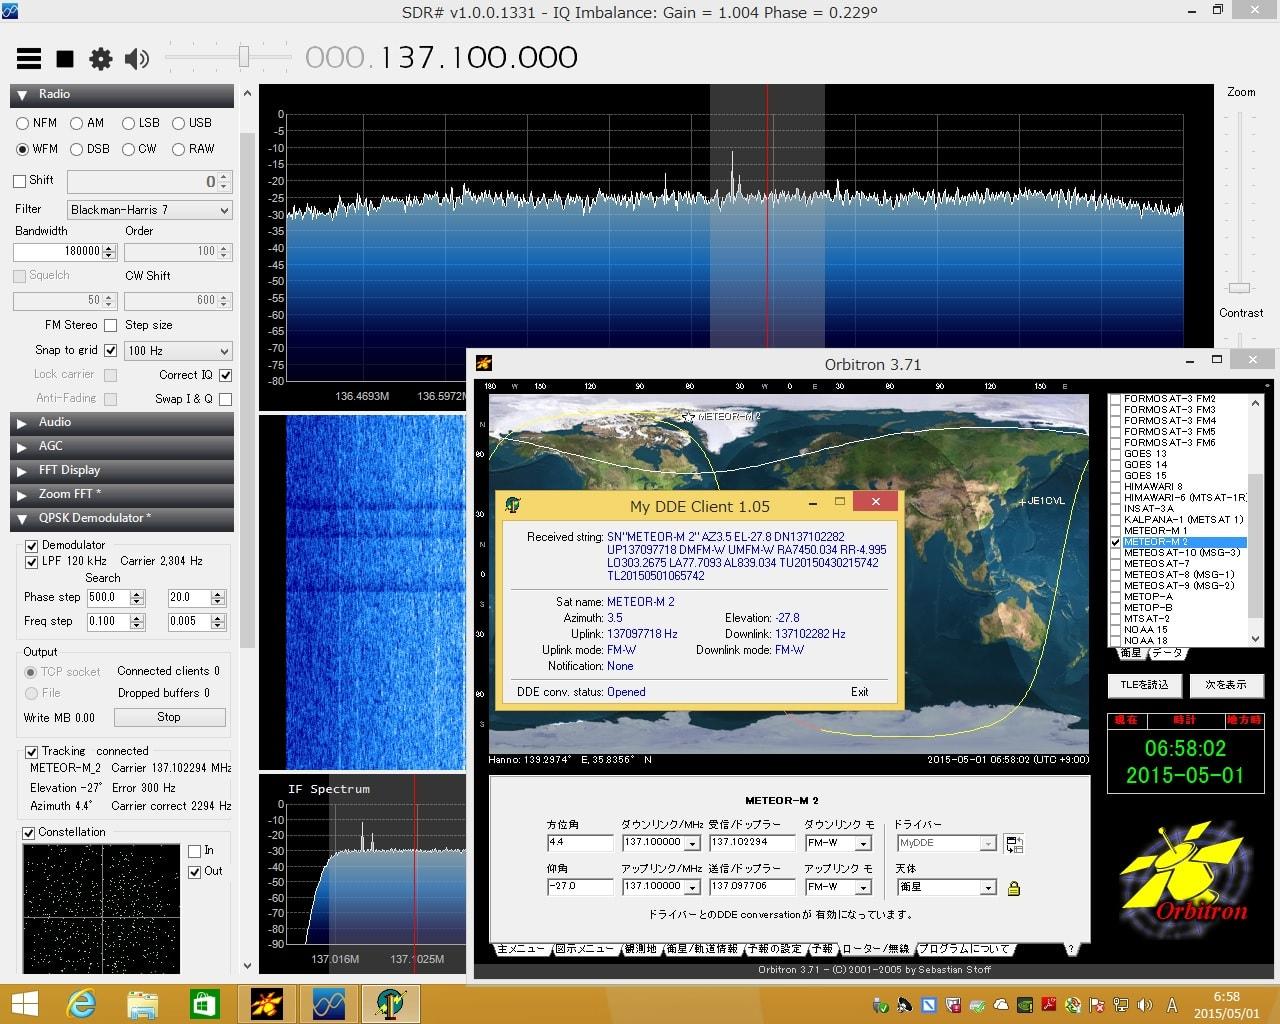 Meteor-M N2, SDR#